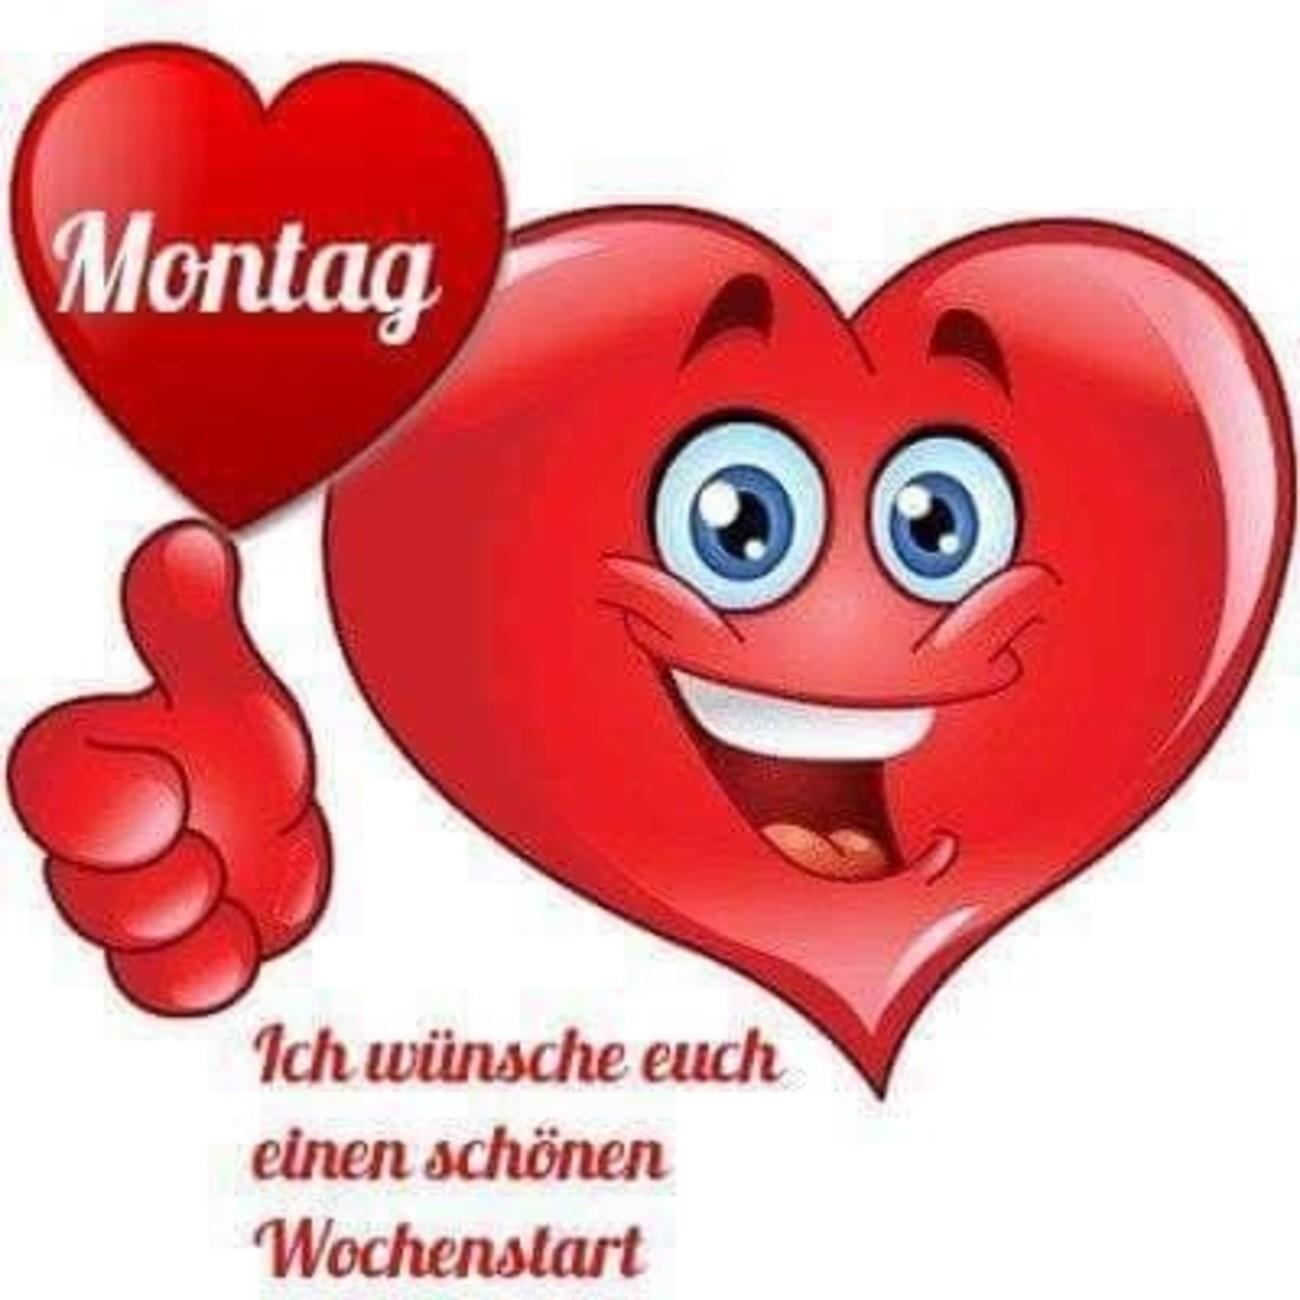 Schönen Montag Und Schönen Wochenstart Gbpicsbildercom